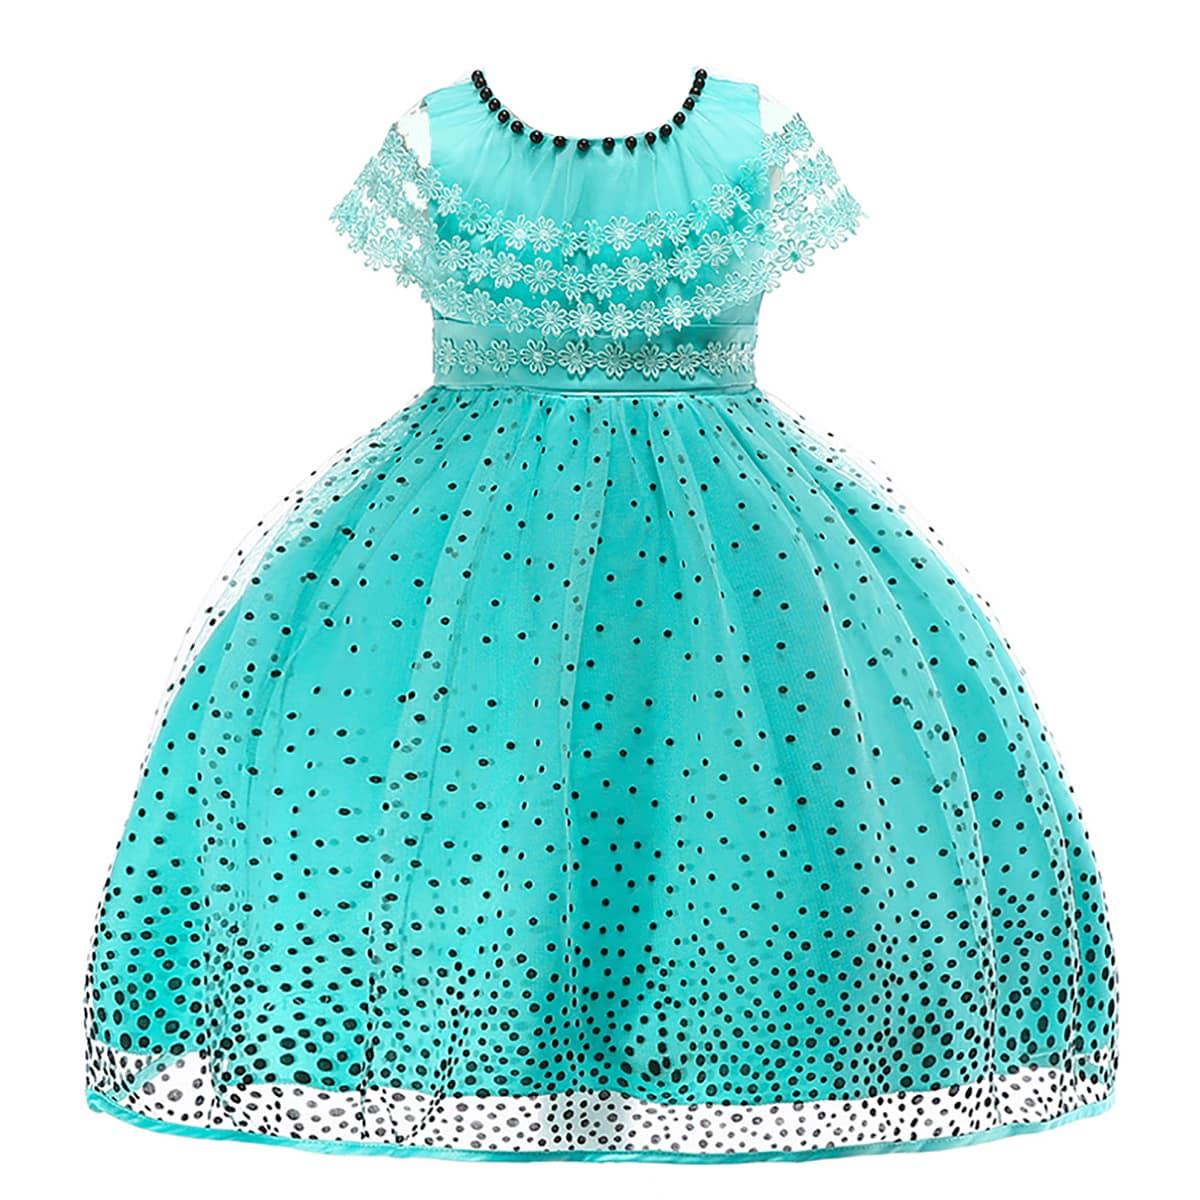 SHEIN / Vestido de fiesta de niñas con cuenta con malla aplique floral de lunares